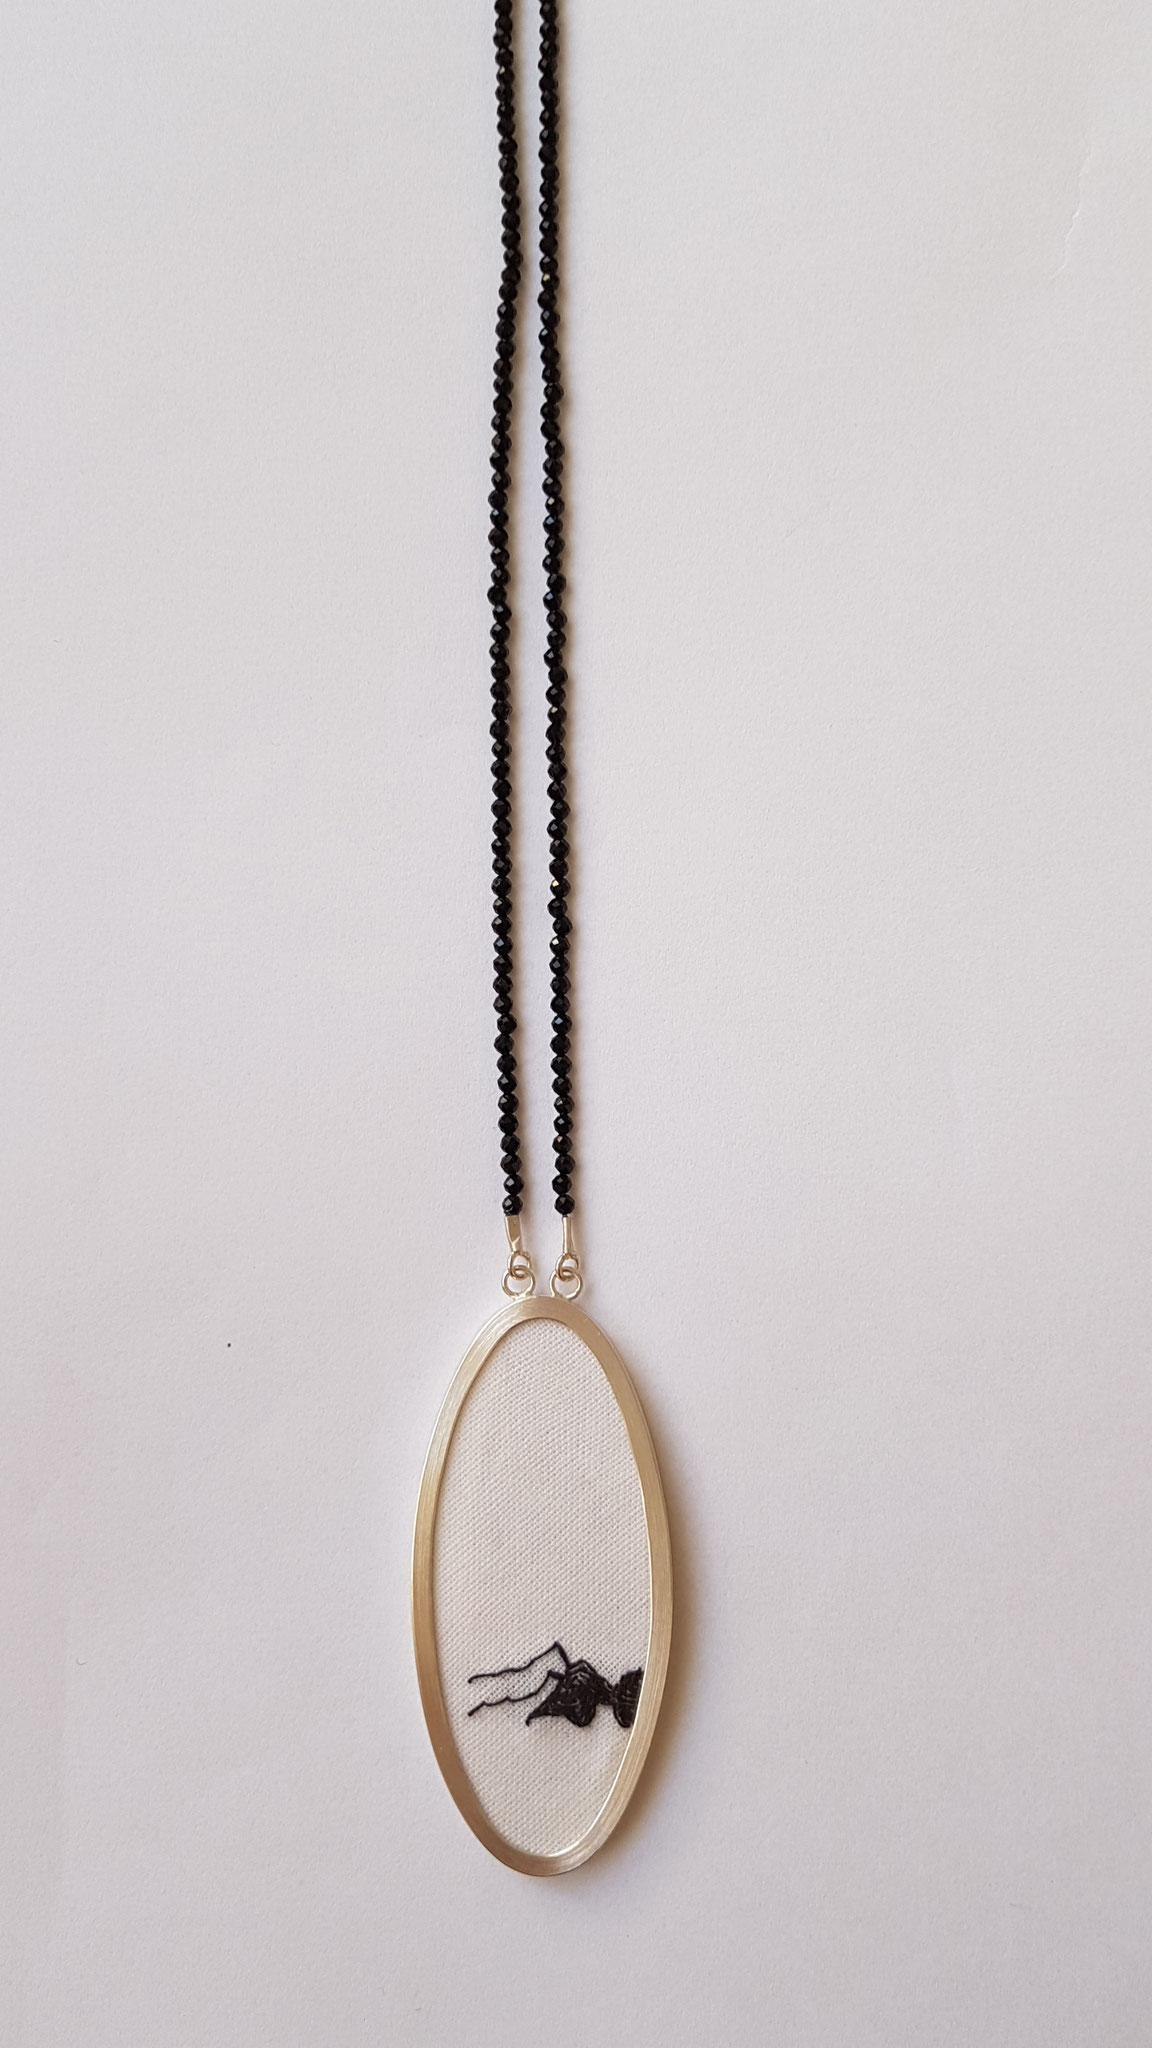 lange Kette in Silber 925, mit schwarzen Zirkonen, Motiv gestickt